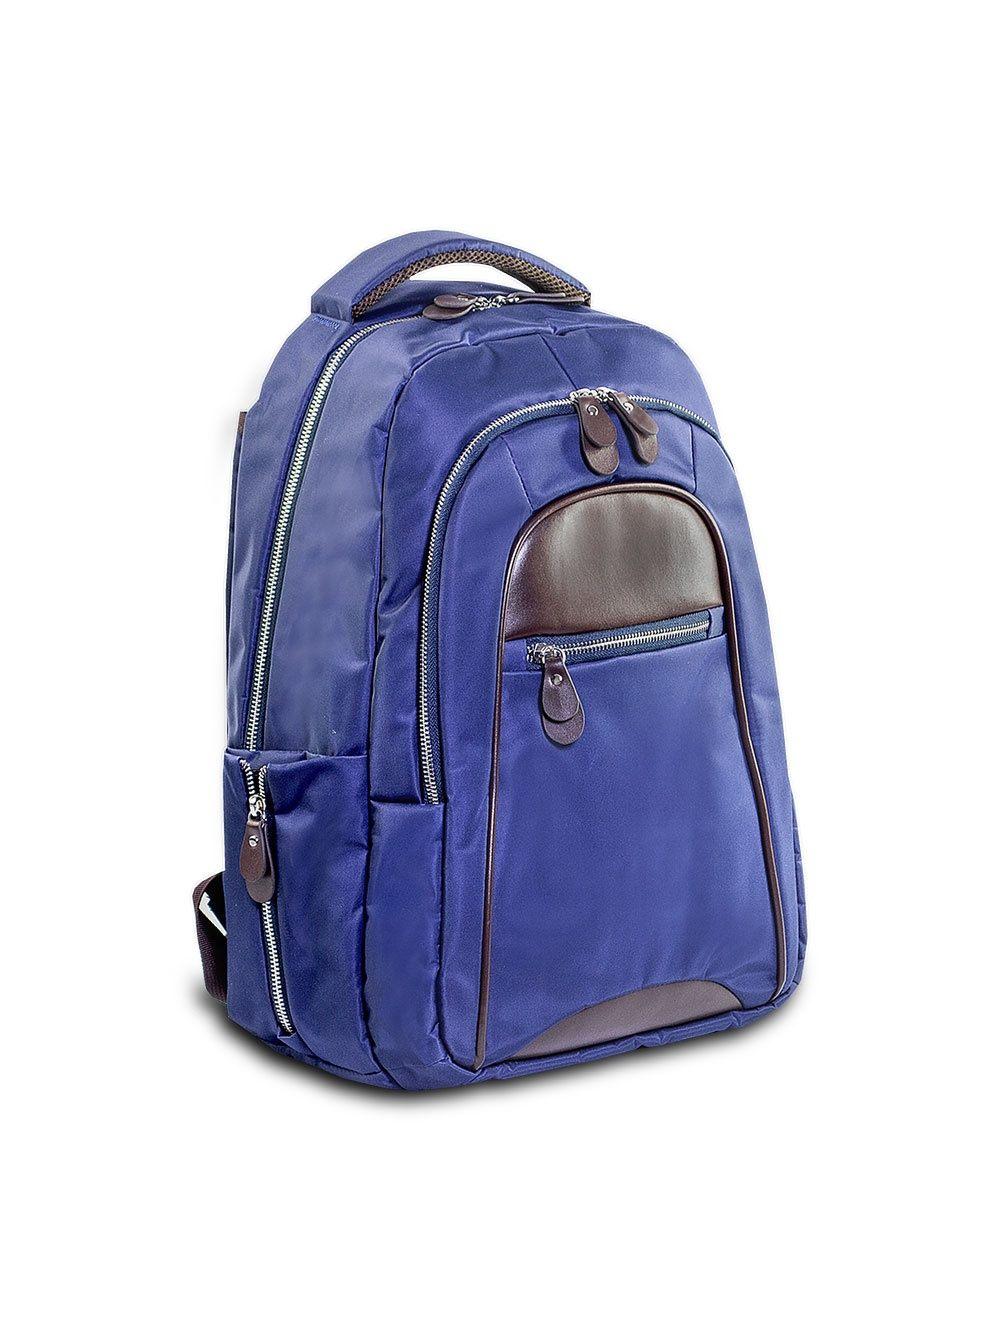 Backpack Nylon/Leather - Ocean Blue